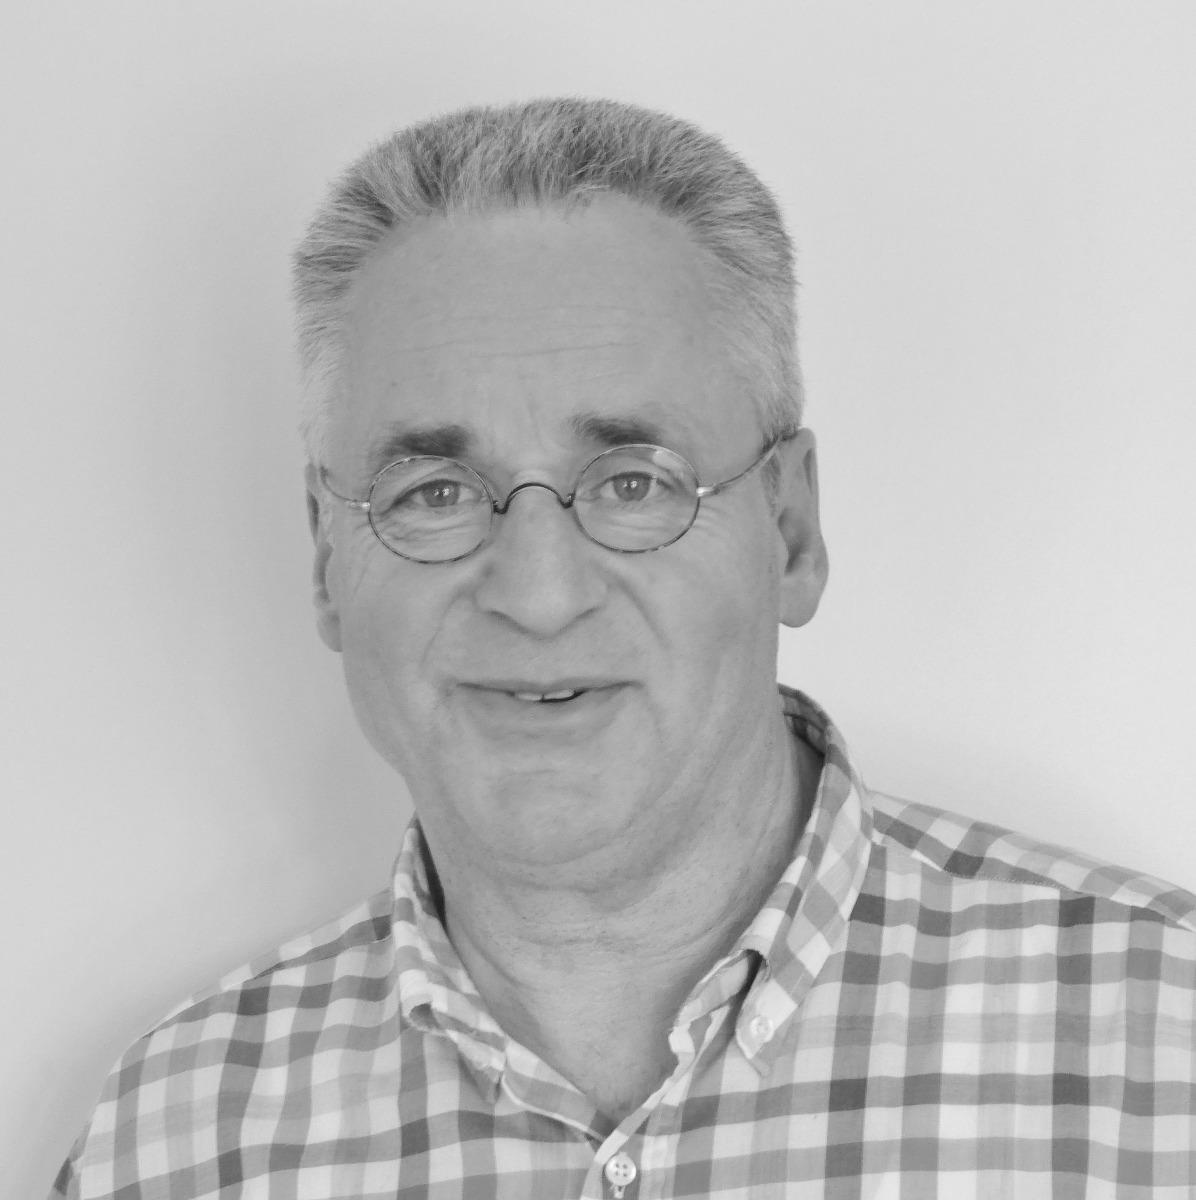 Ralf Münzer